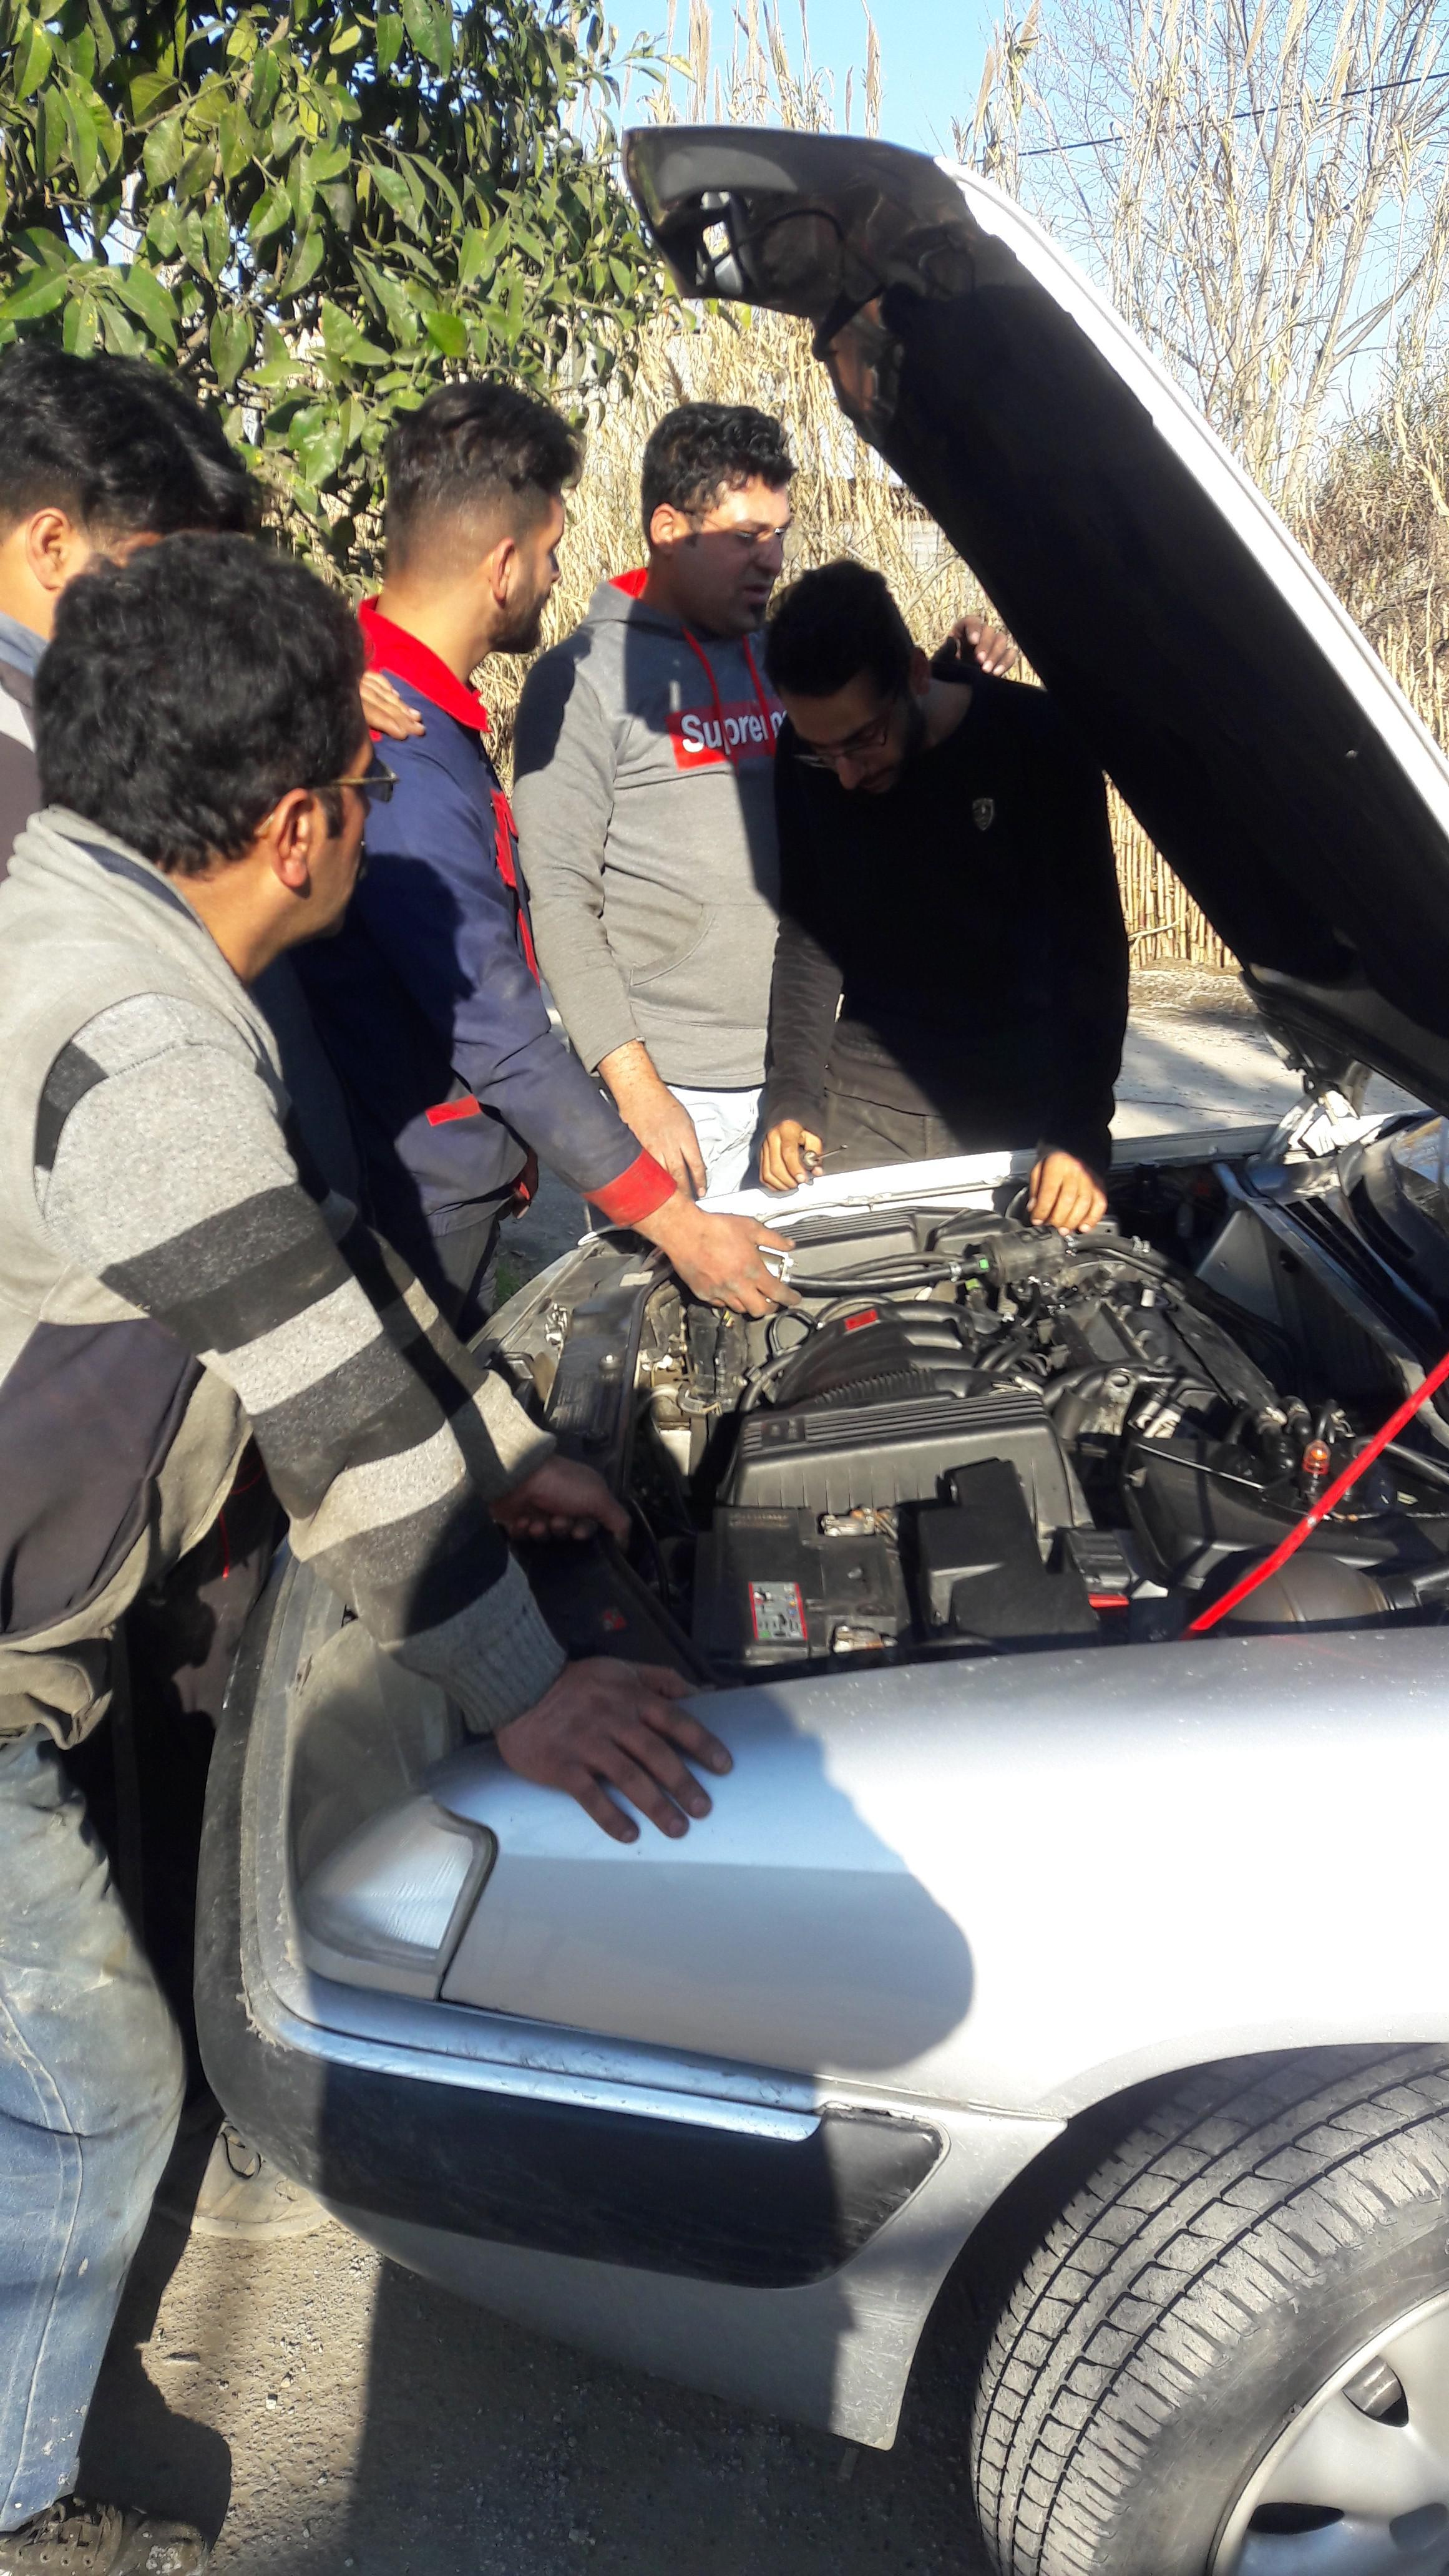 آموزش تنظیم موتور در کارگاه